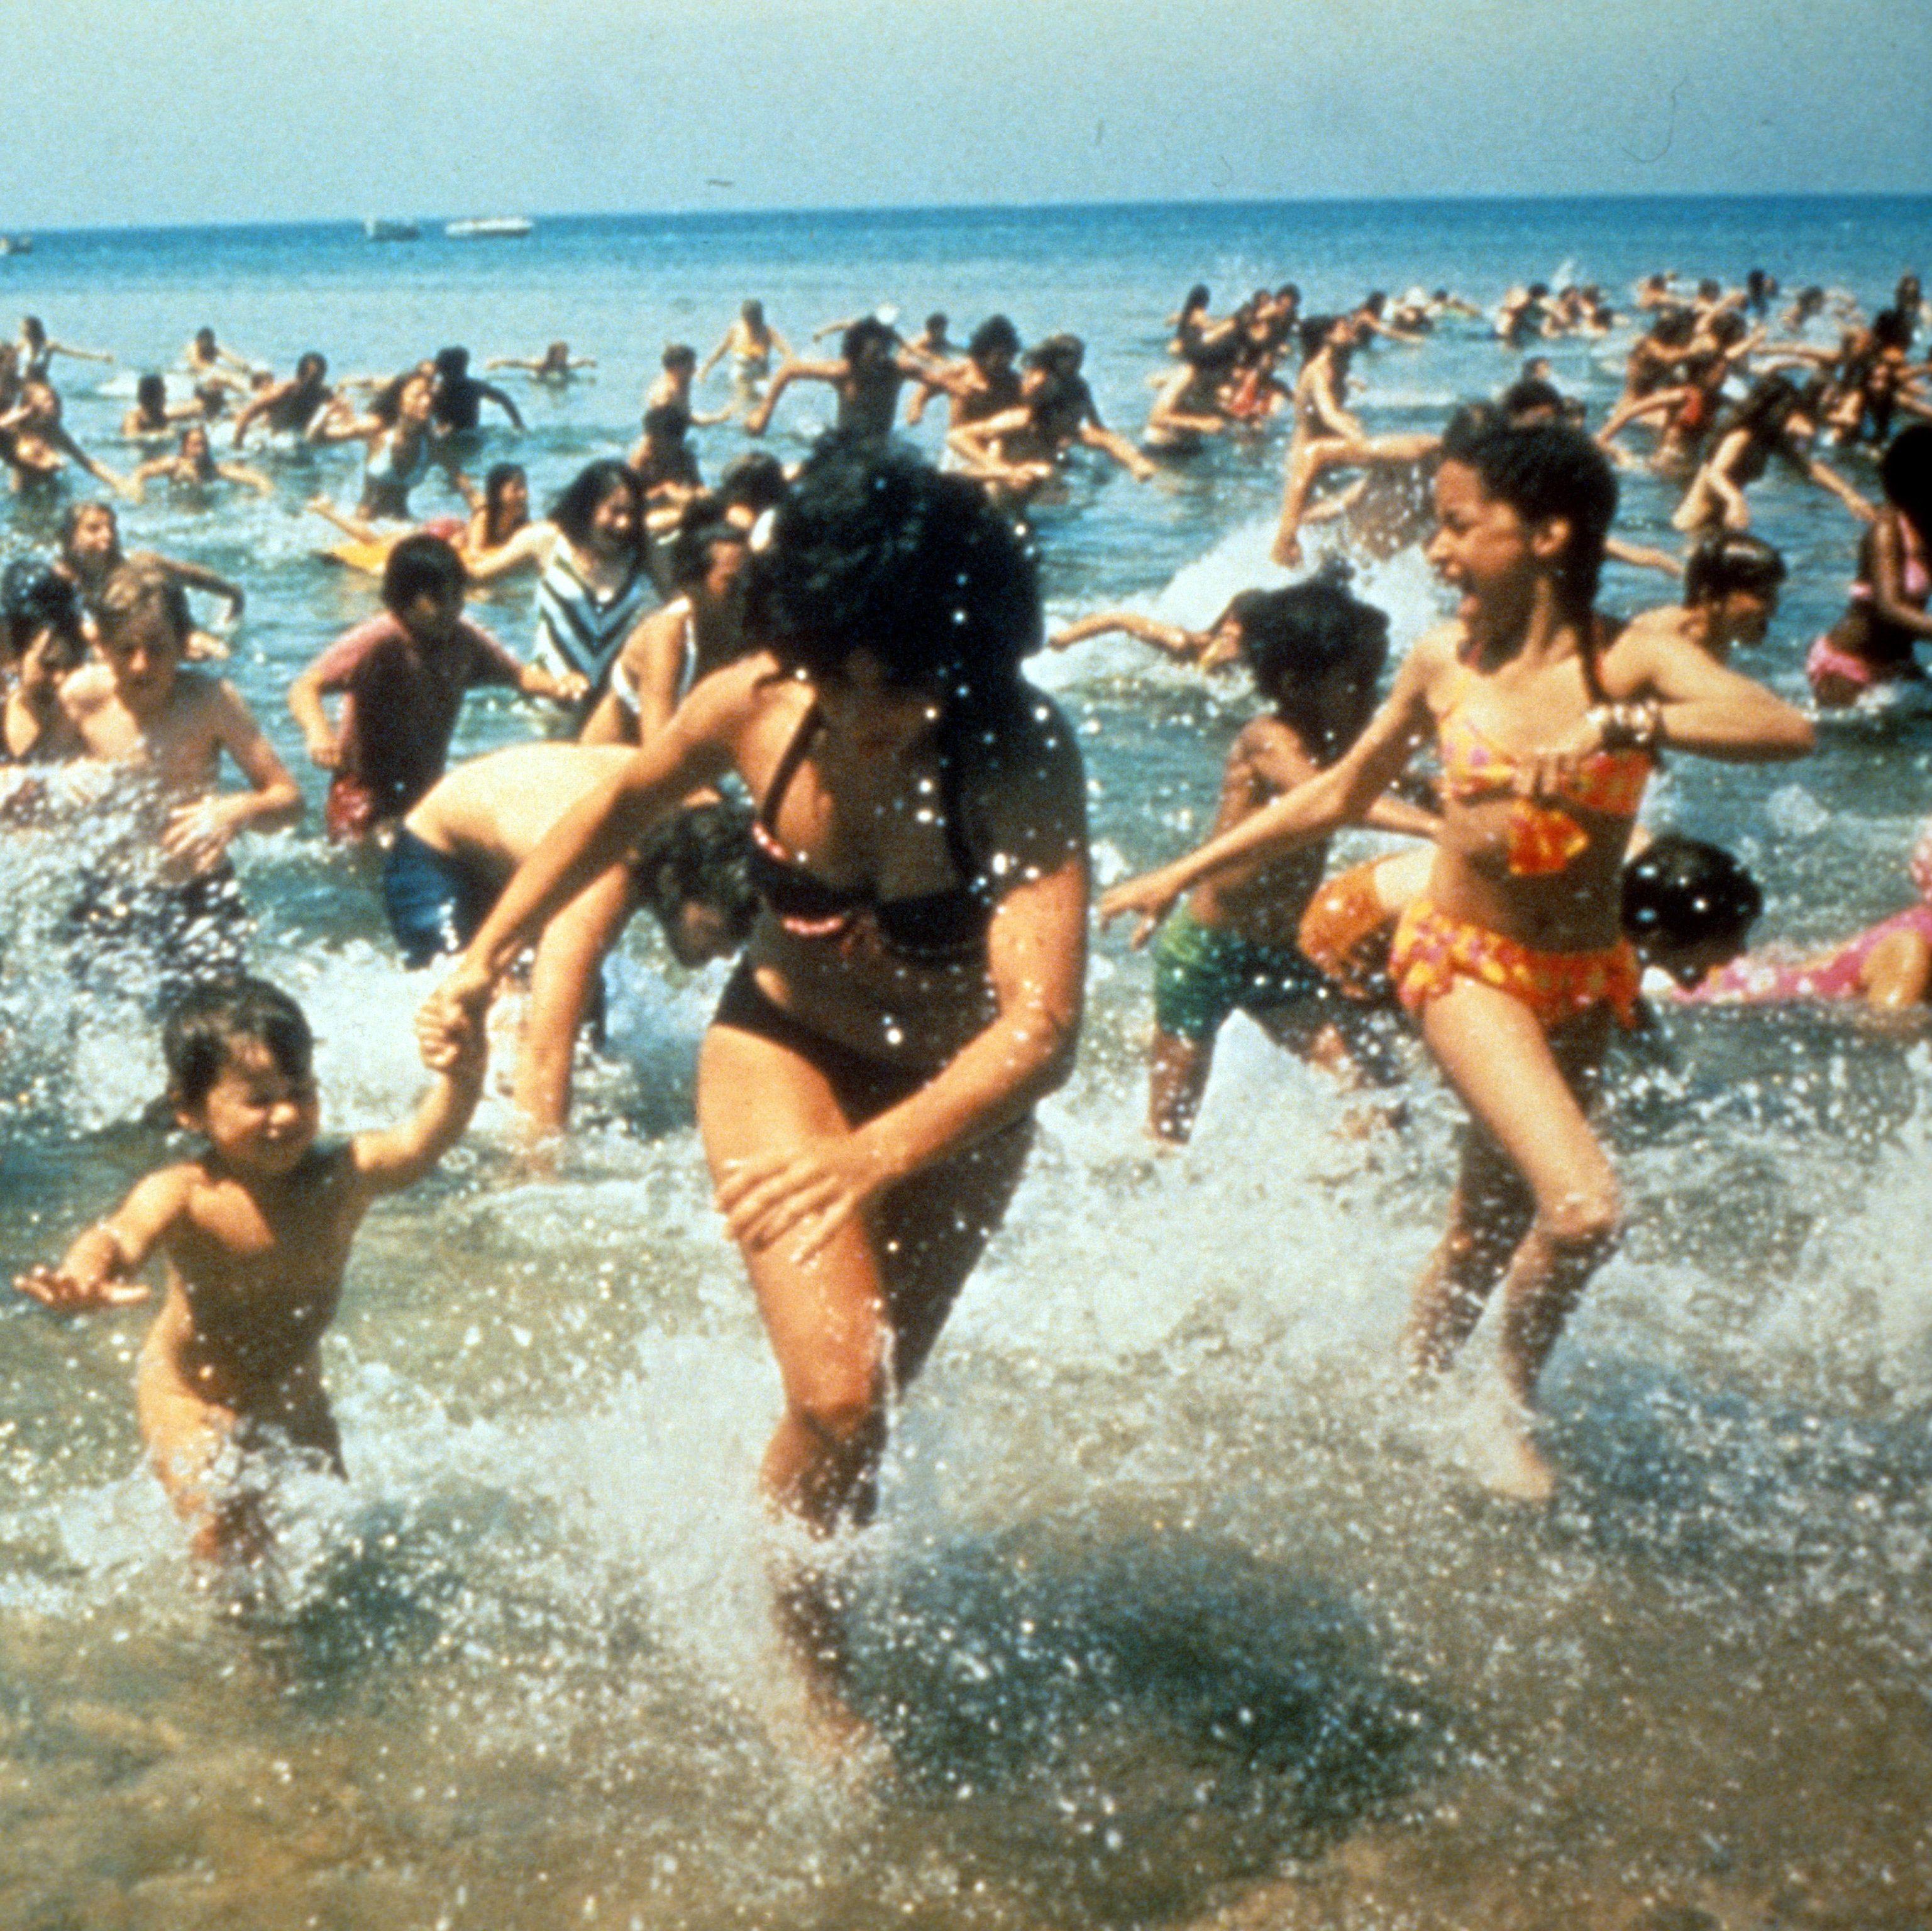 Best Summer Movies